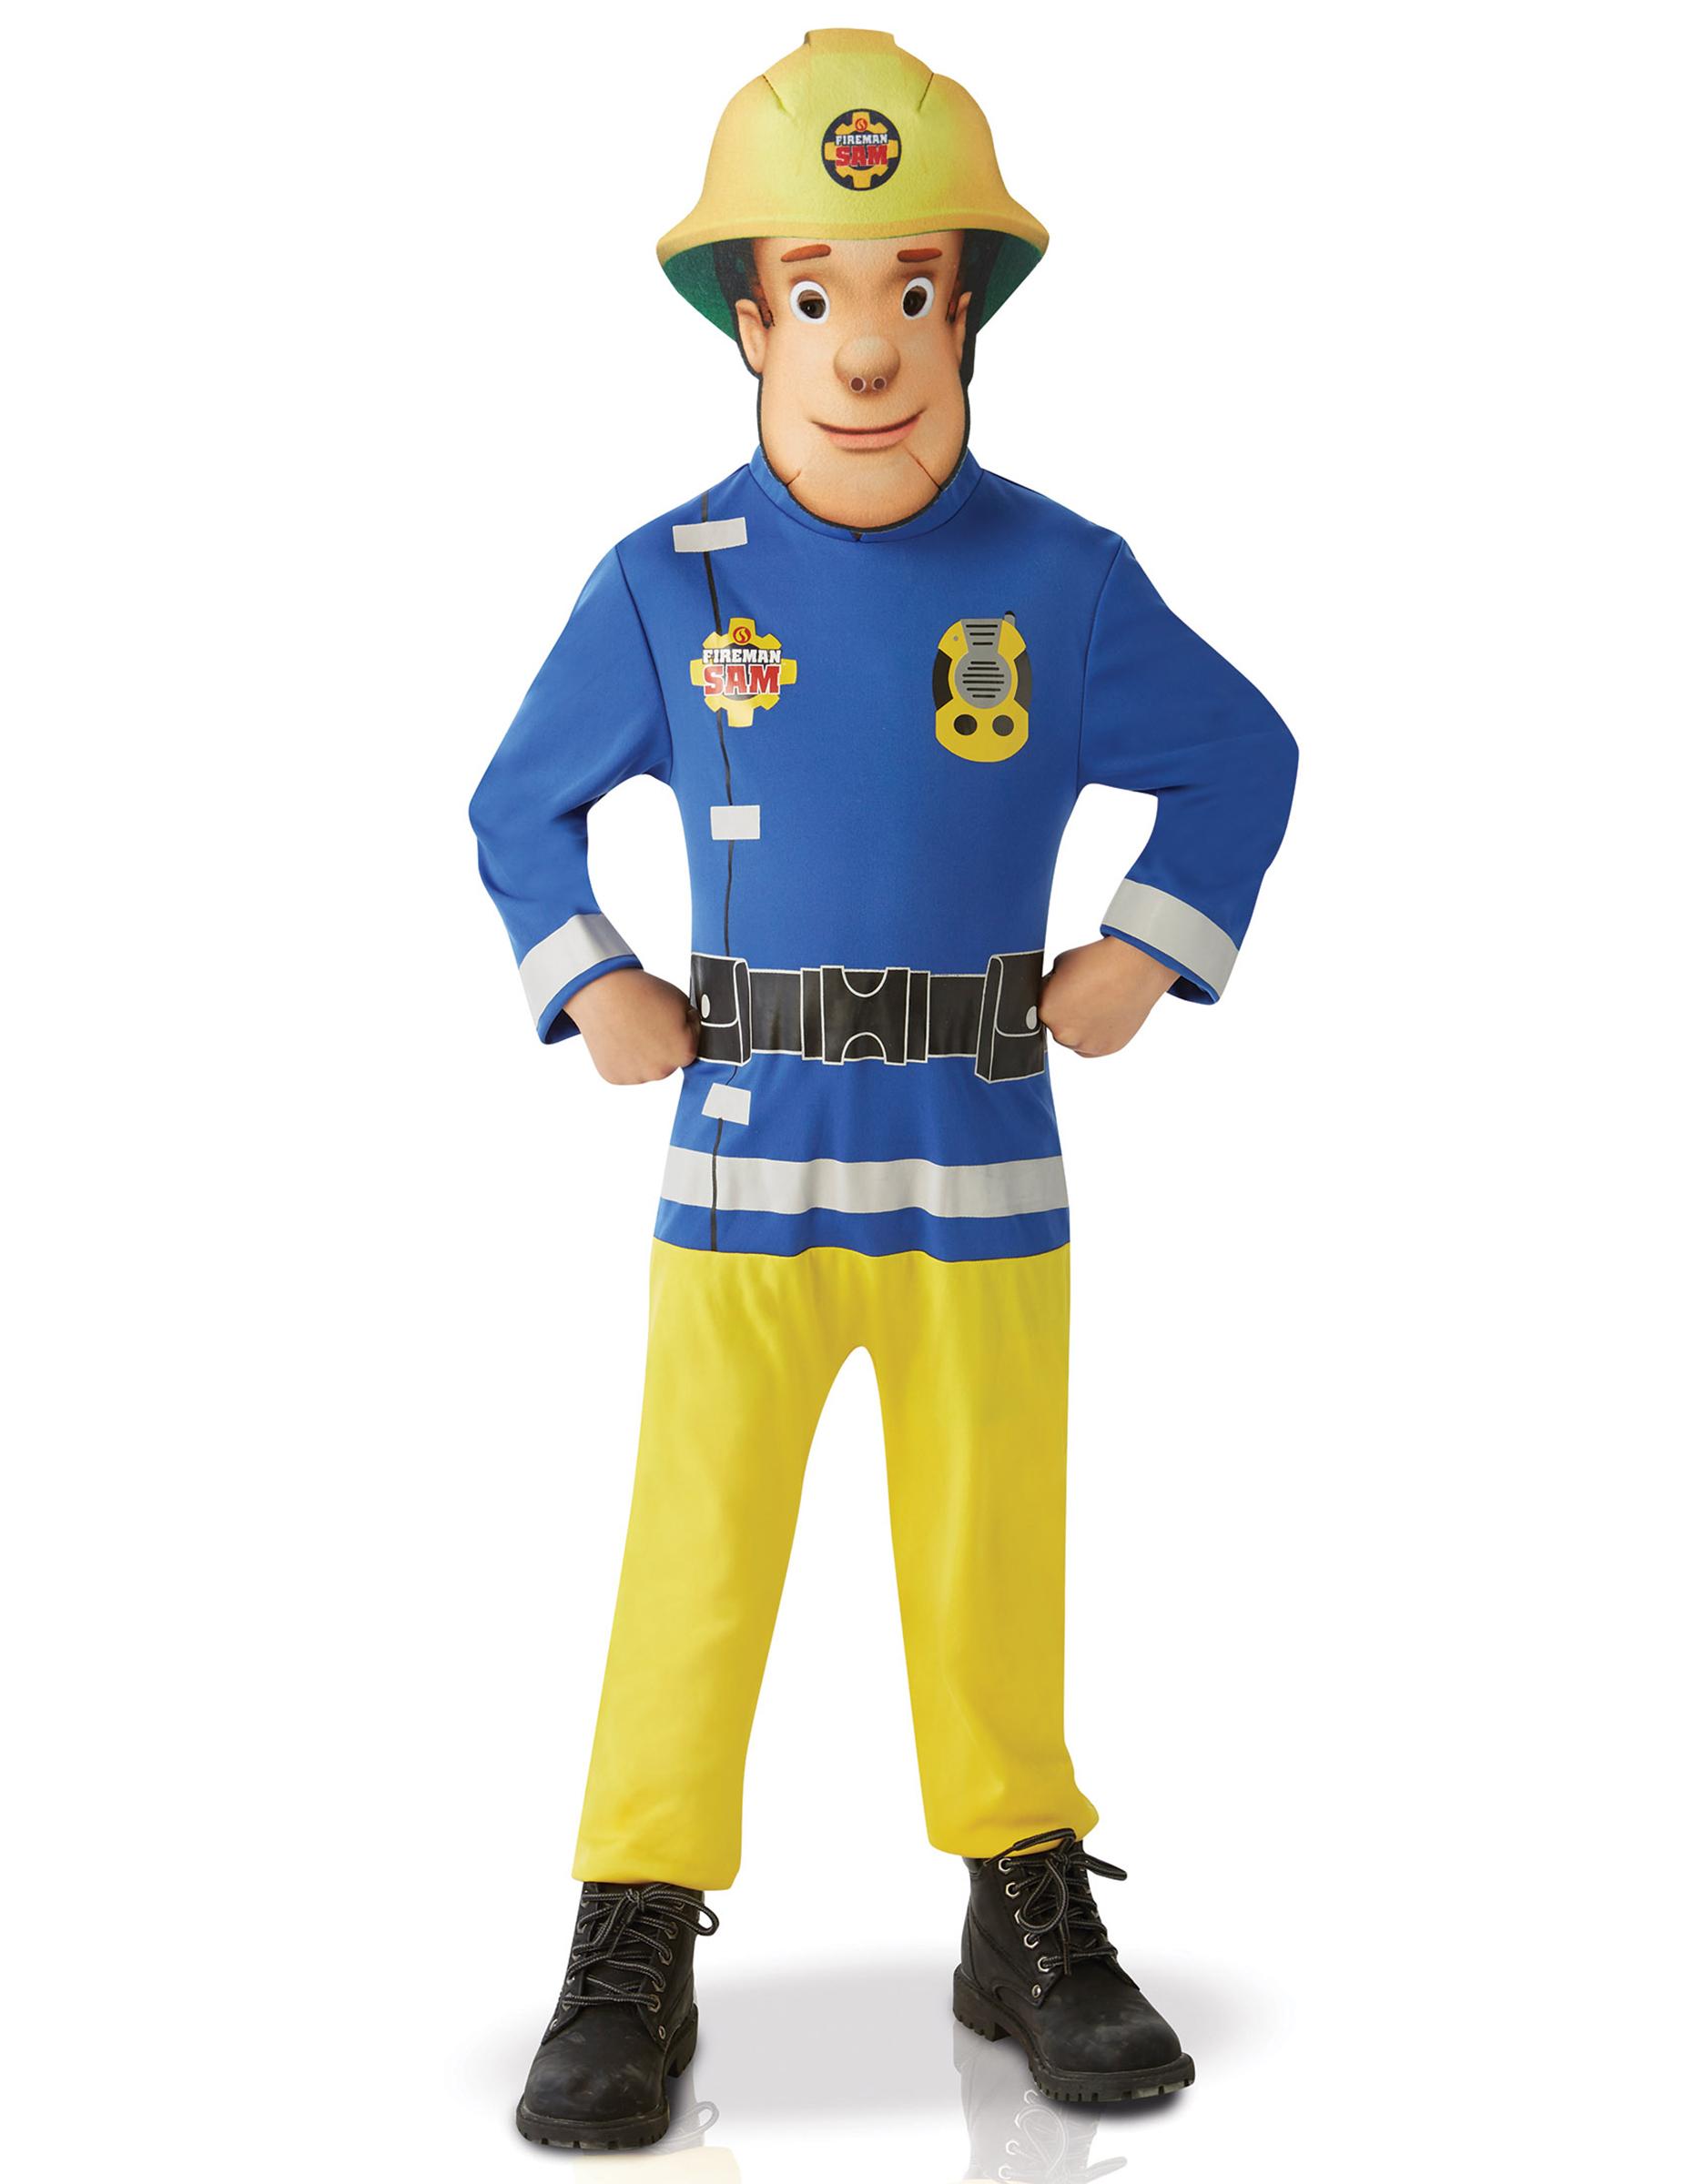 D guisement classique sam le pompier enfants deguise - Sam le pompier personnages ...